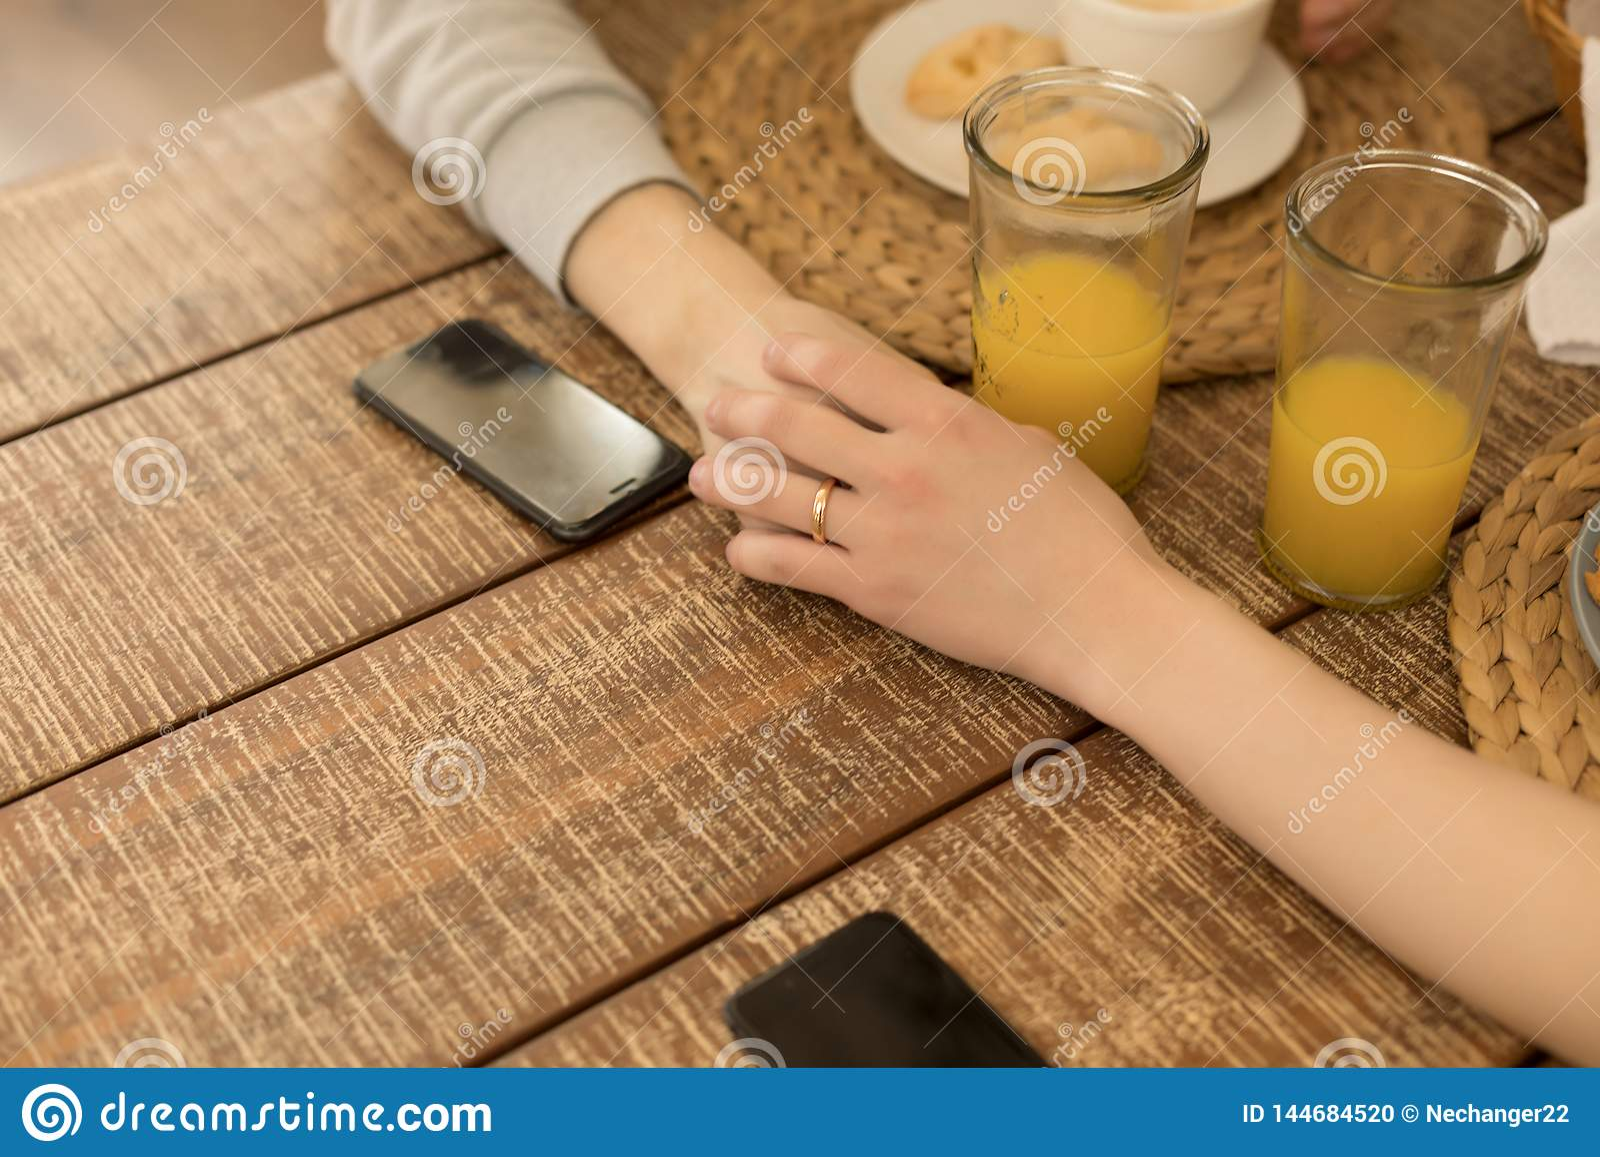 Chiuda sulla foto Due omosessuali che si tengono per mano insieme alla tavola